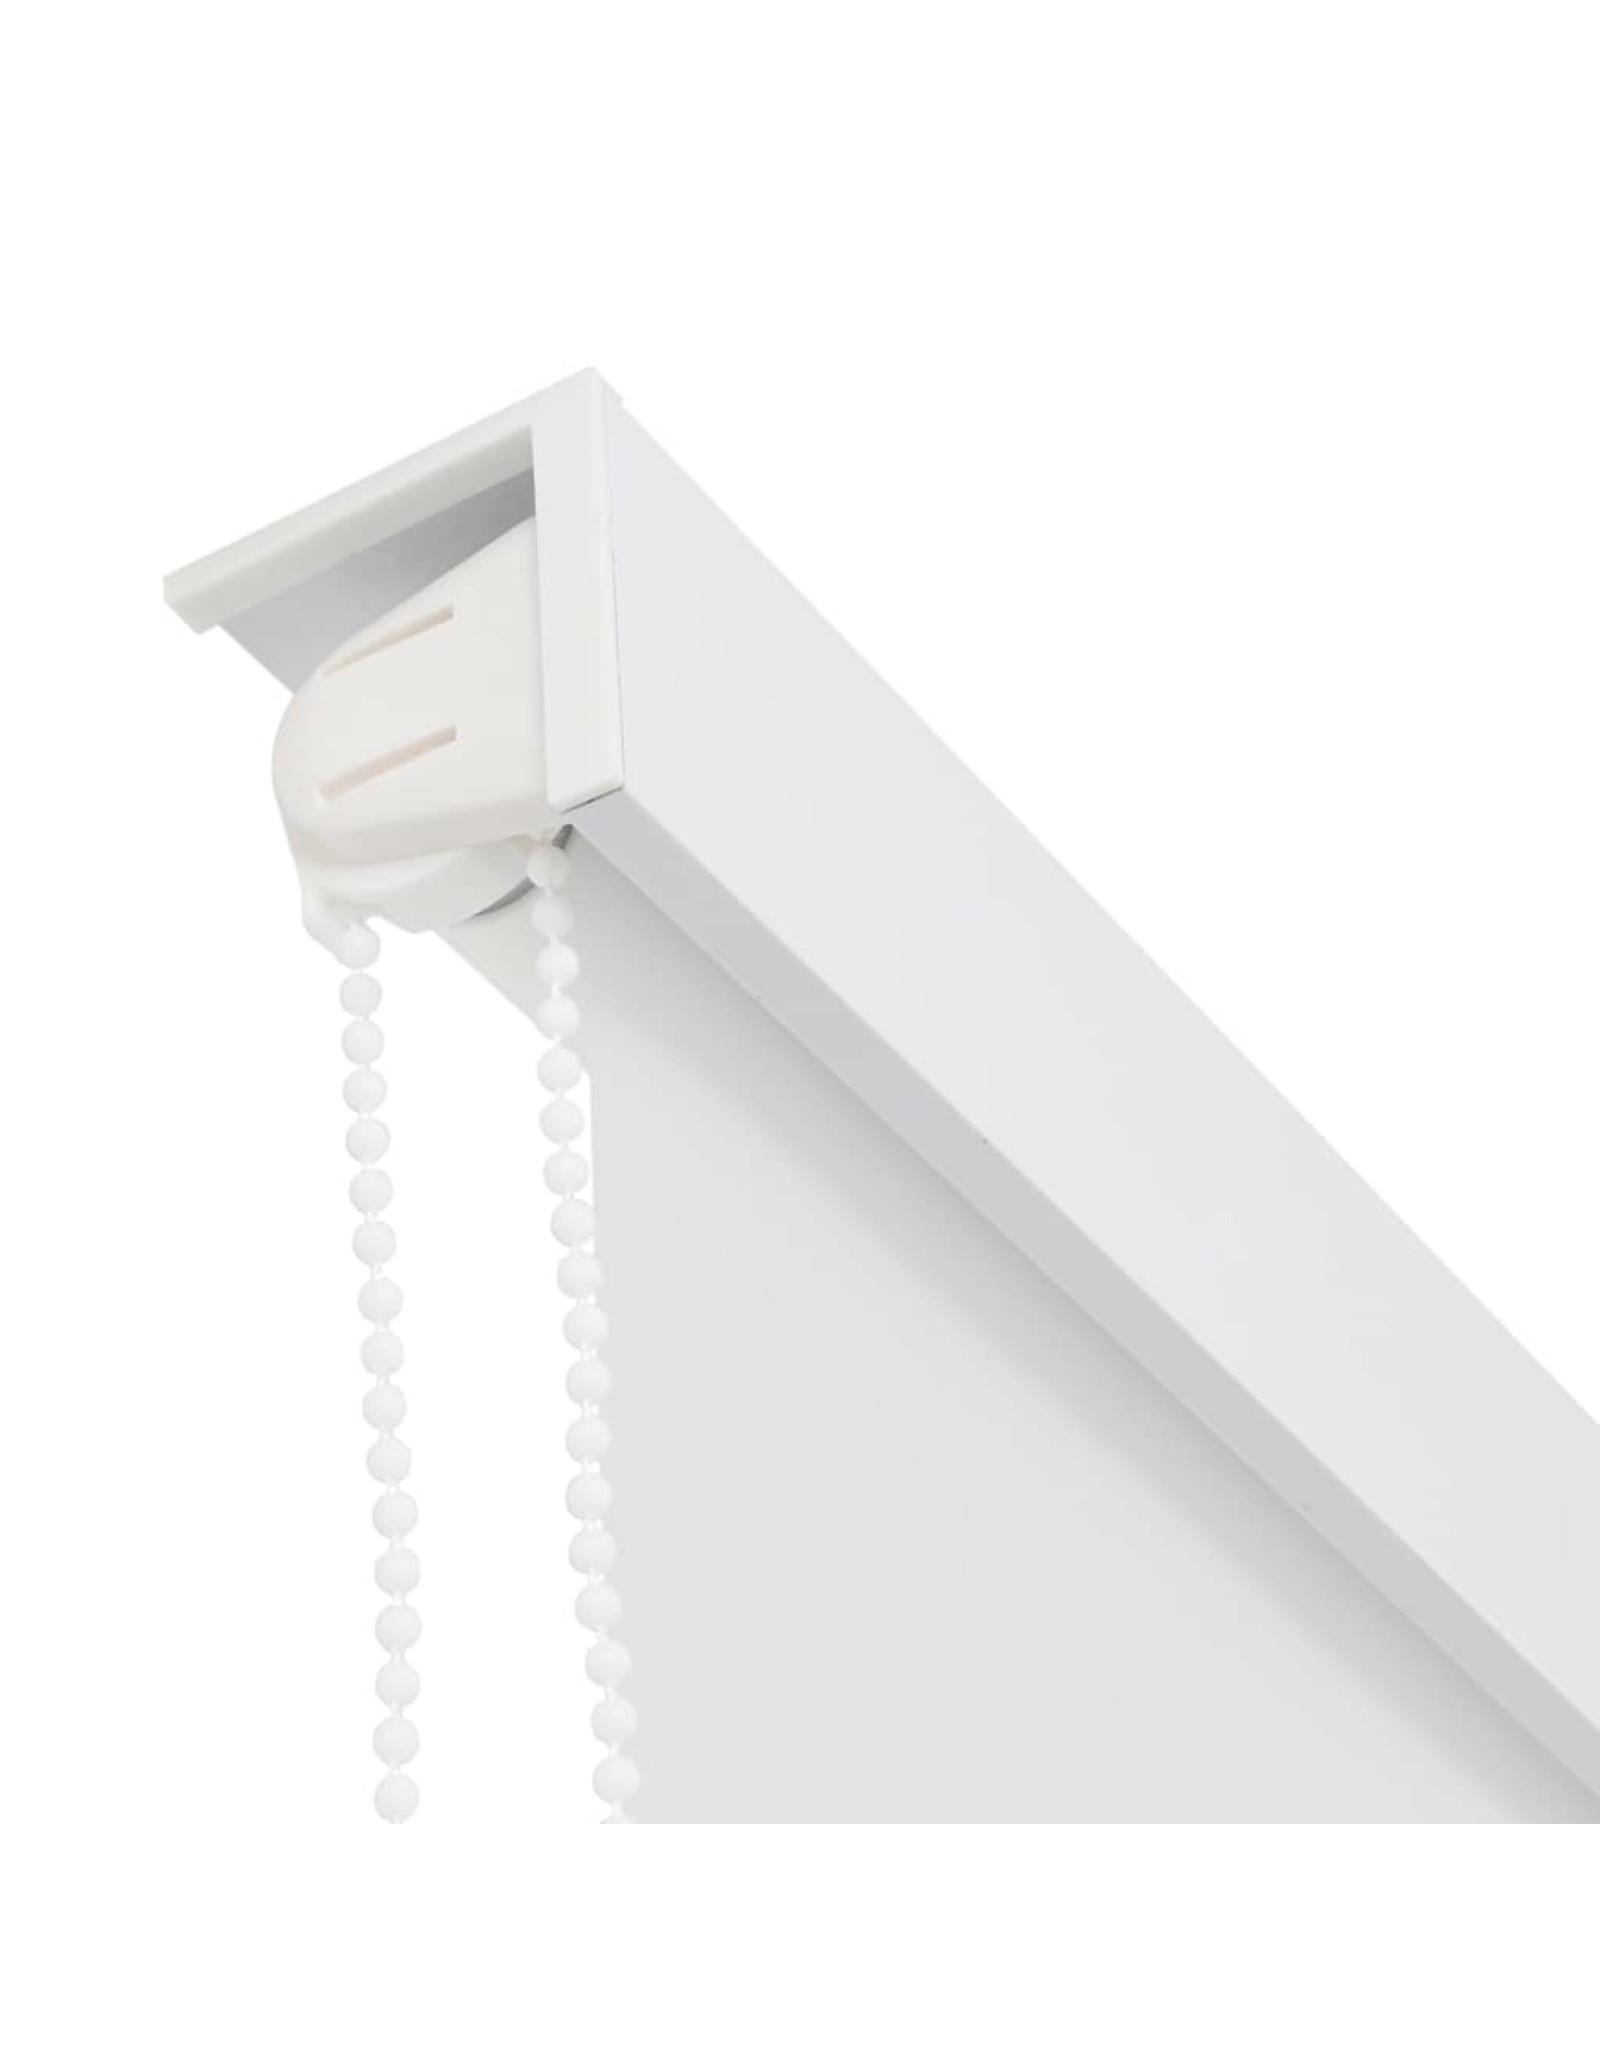 Rolgordijn voor douche 100x240 cm wit